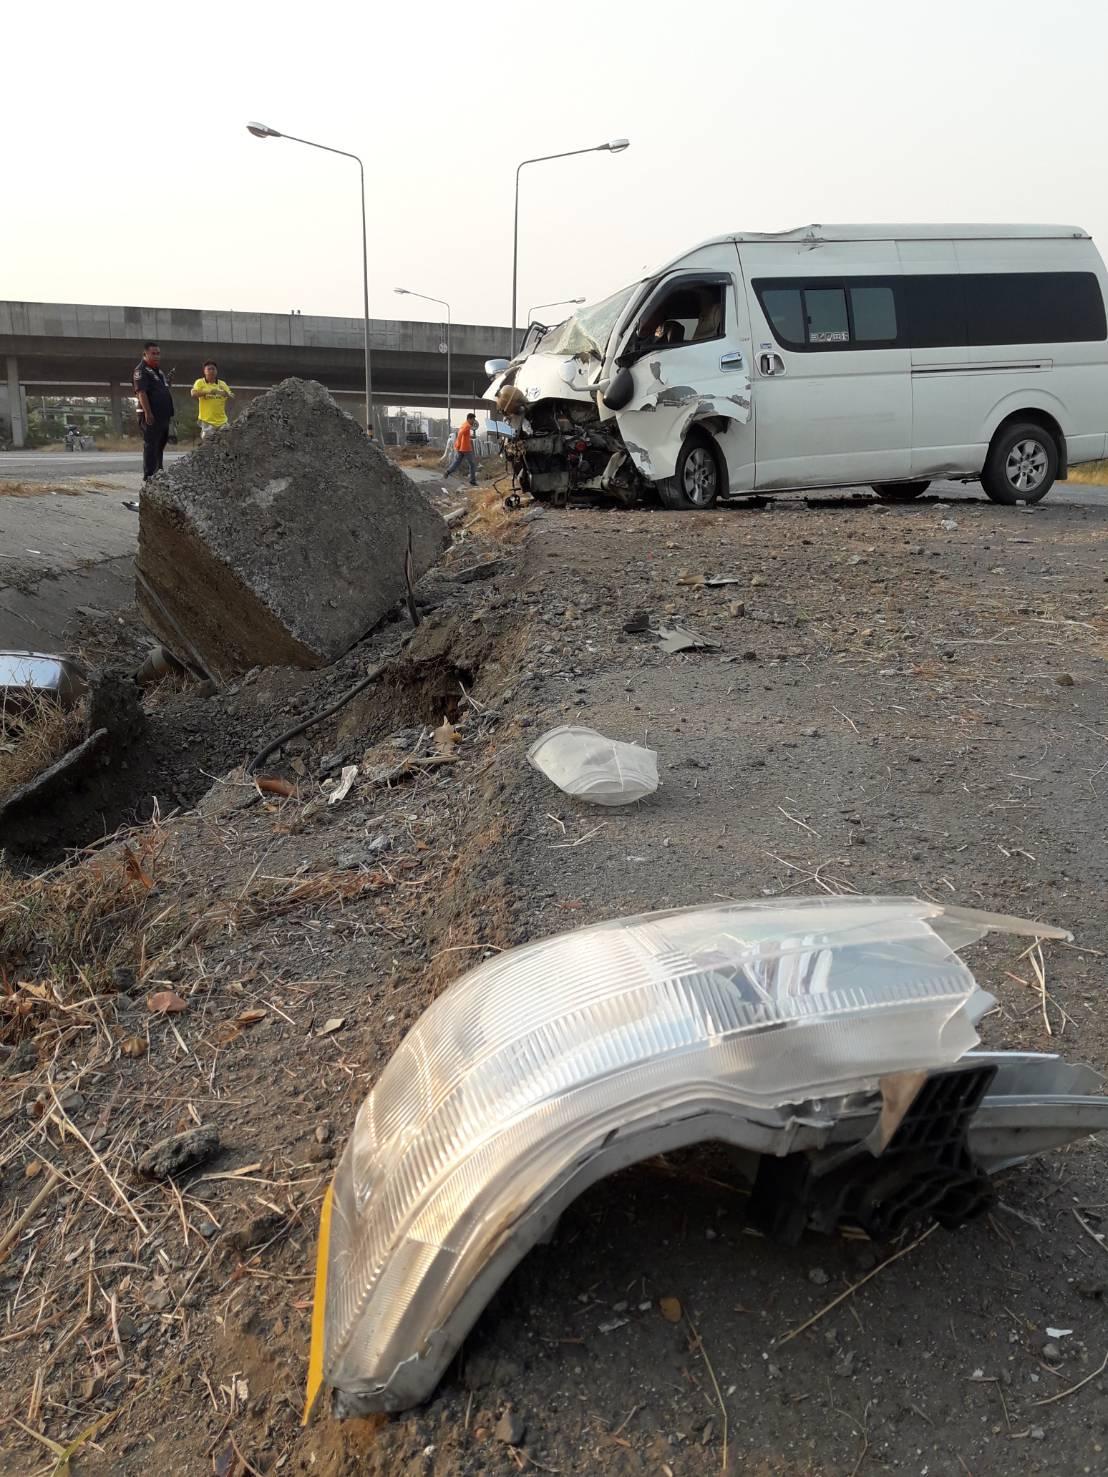 คนขับรถตู้รับ-ส่งนักเรียน หลับในเสียหลักตกร่องกลางถนน ทำเด็กเจ็บ 6 คน